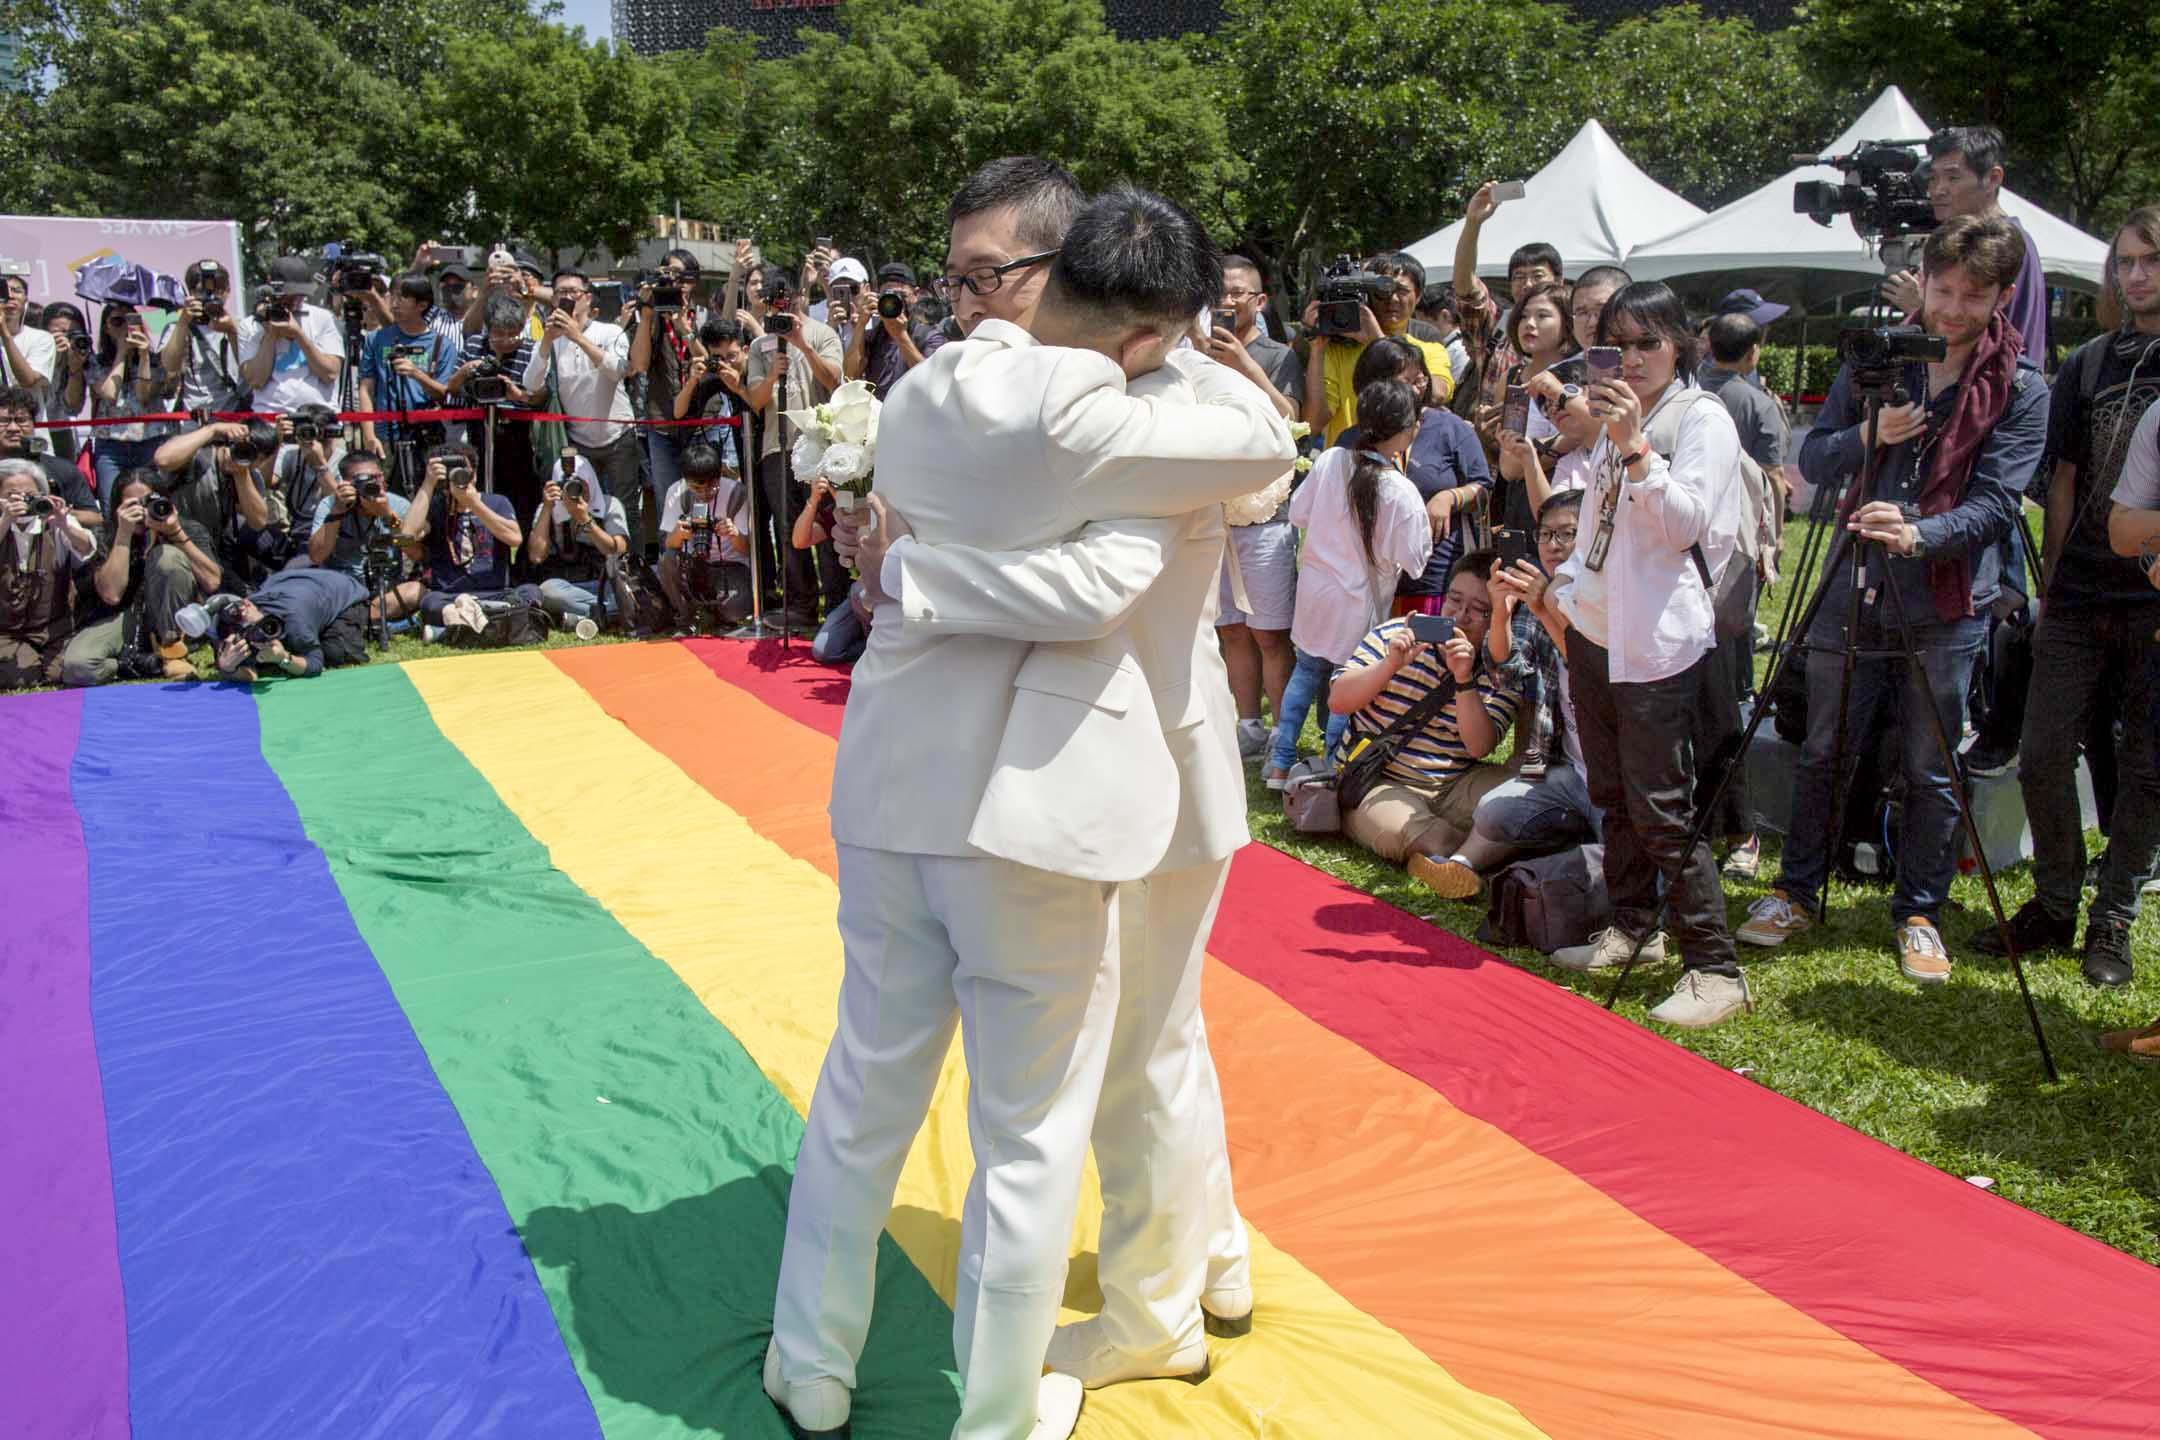 2019年5月24日,婚權平台與台北市政府民政局合辦「幸福起跑線Wedding Party」,新婚同志在彩虹旗上擁抱。